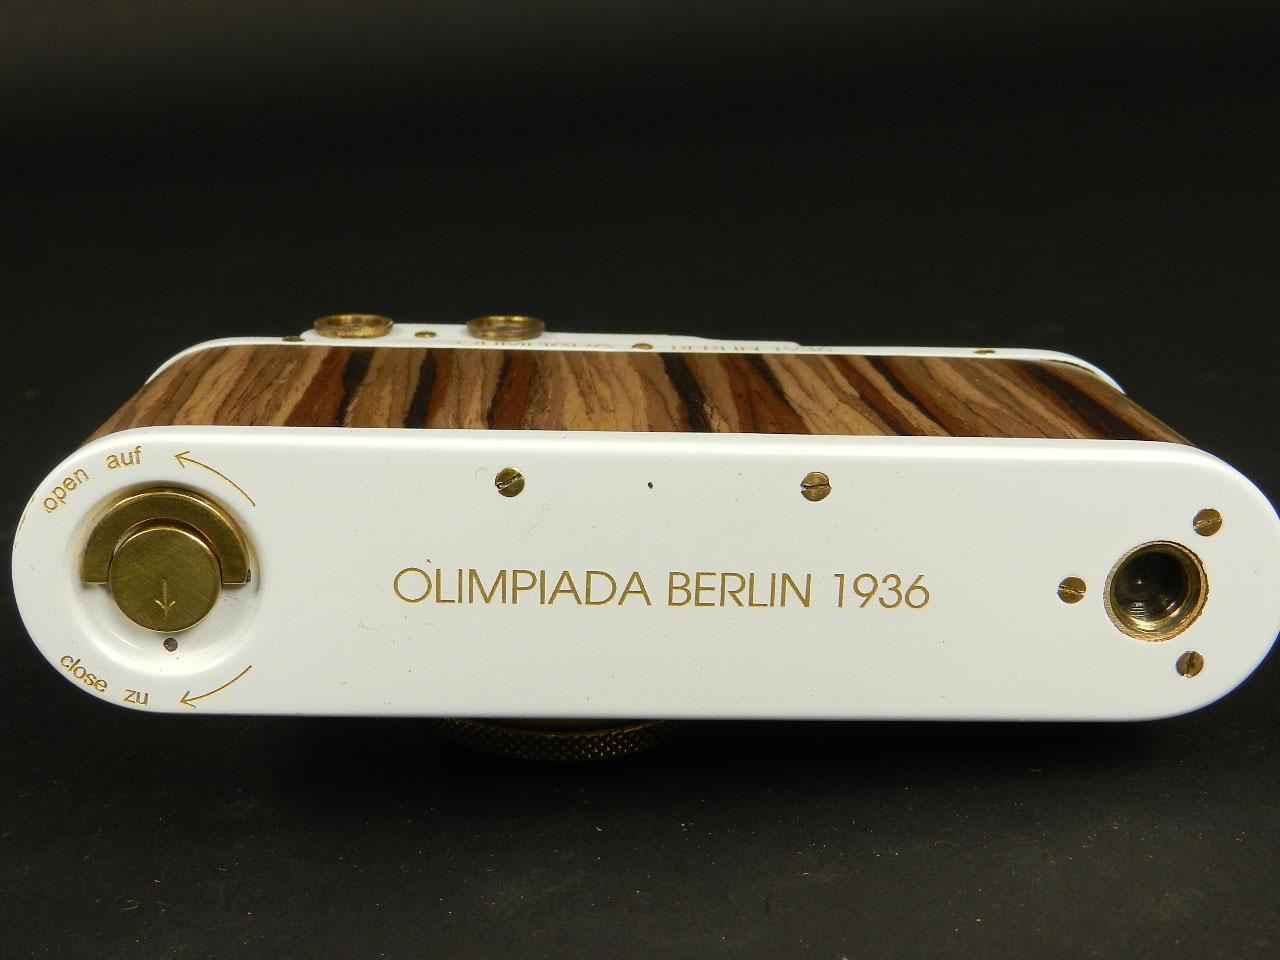 Imagen CÁMARA LEICA II D OLIMPIADAS BERLIN 1936 24641